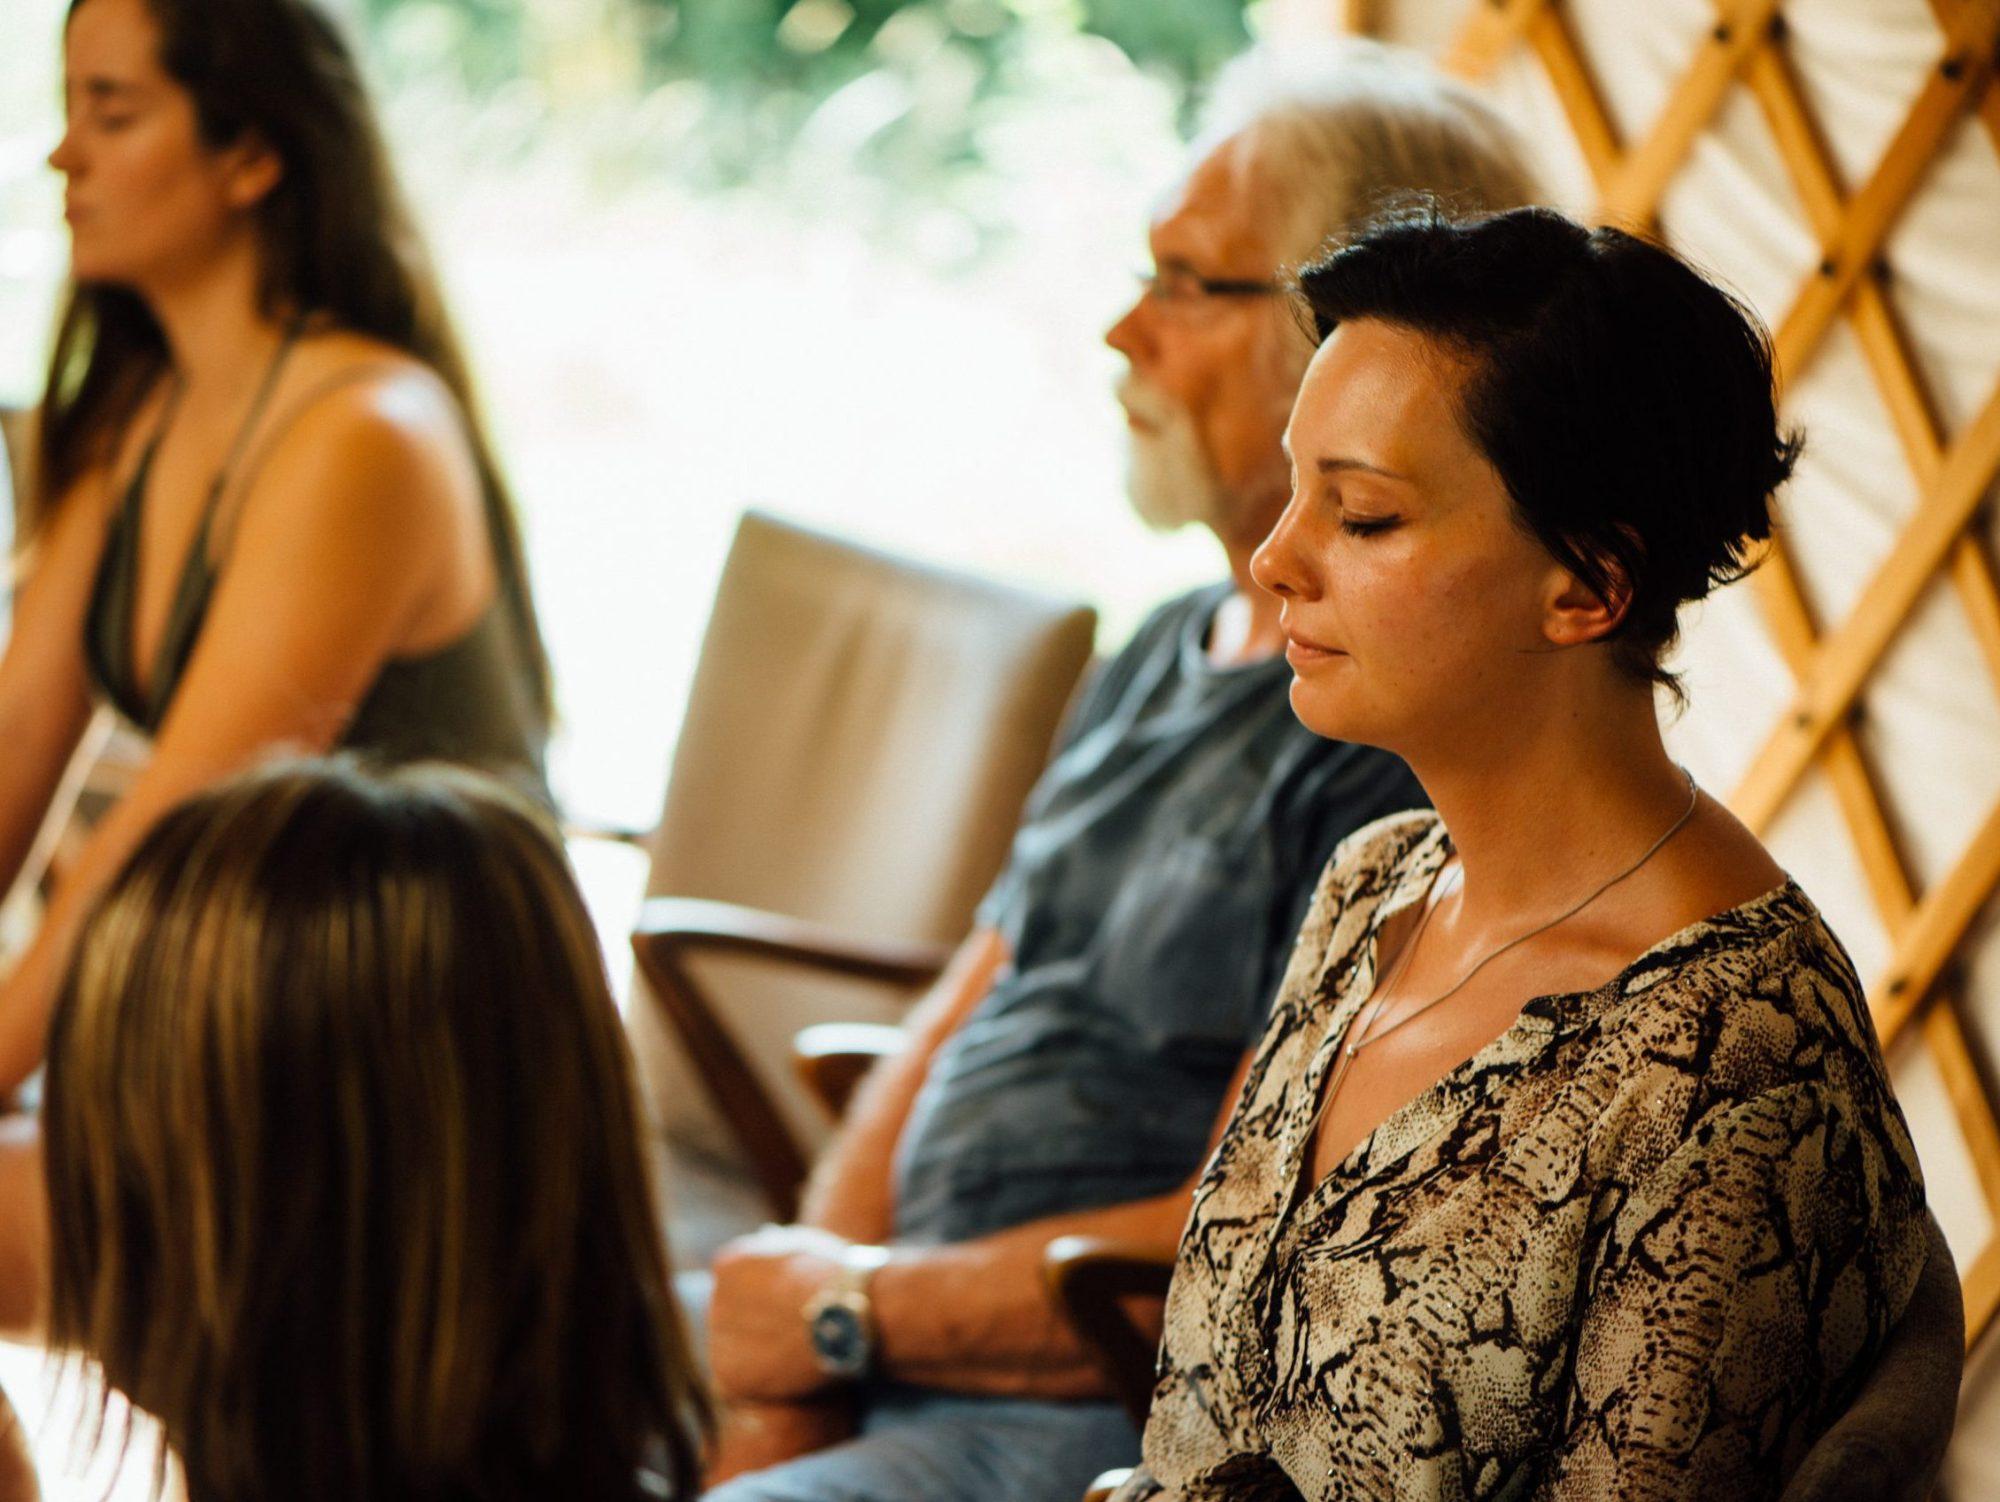 Deelnemers in meditatie tijdens een meditatiegroep.